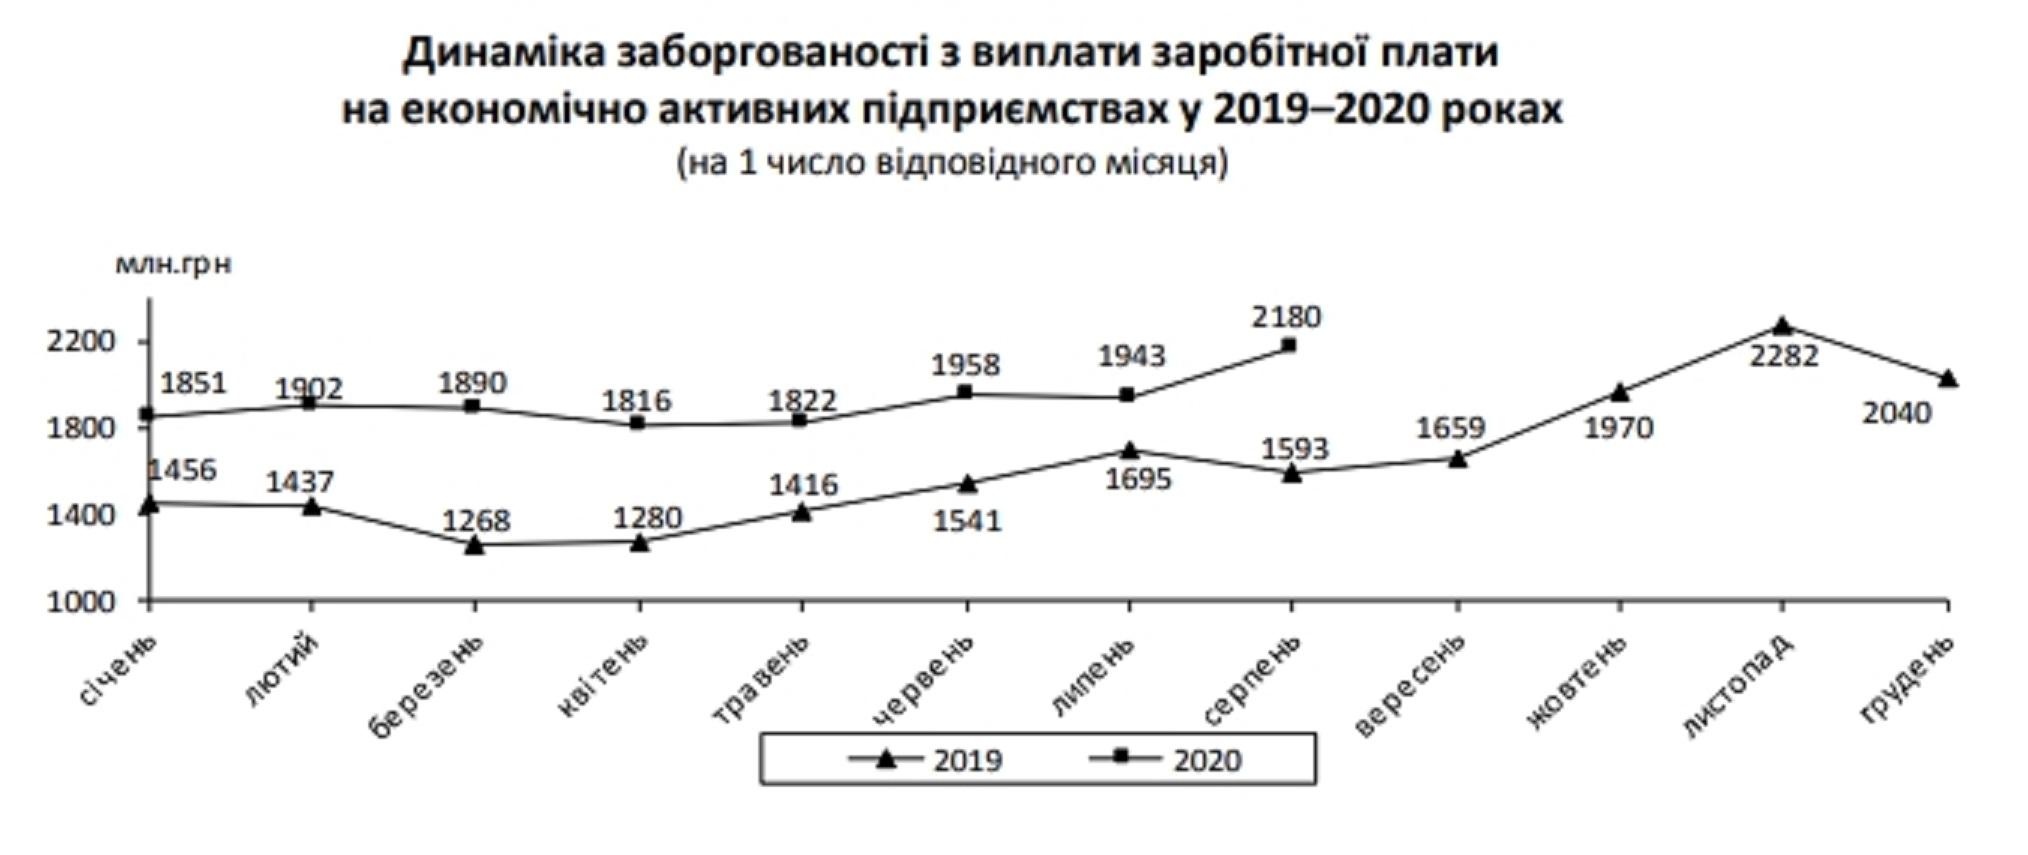 Как выросла задолженность по зарплатам в Украине - ситуация в цифрах - фото 2